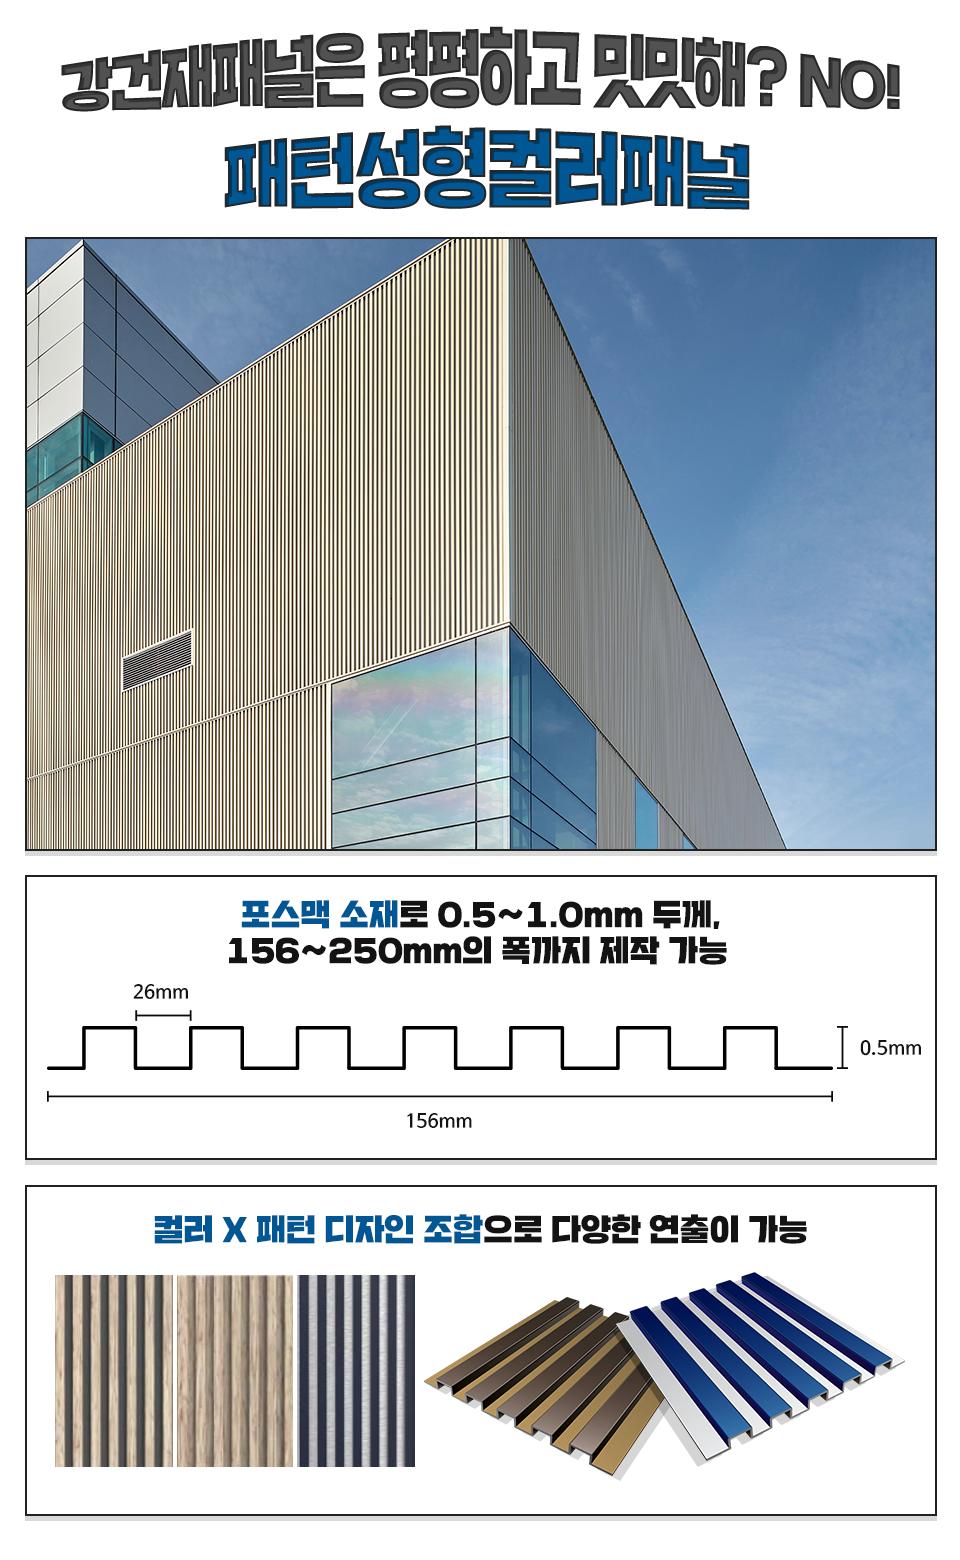 강건재패널은 평평하고 밋밋해? NO! 패턴성형컬러패널, 패턴성형컬러패널이 적용된 건물 외벽, 포스맥 소재로 0.5 ~ 1.0mm두께, 156~250mm의 폭까지 제작 가능 폭 156mm 두께 0.5mm, 골형성형 간격 26mm을 도식화한 그림, 컬러 X 패턴 디자인 조합으로 다양한 연출이 가능 주름치마의 이미지와 비슷한 다색강판 기술이 적용된 패턴성형컬러패널의 예시